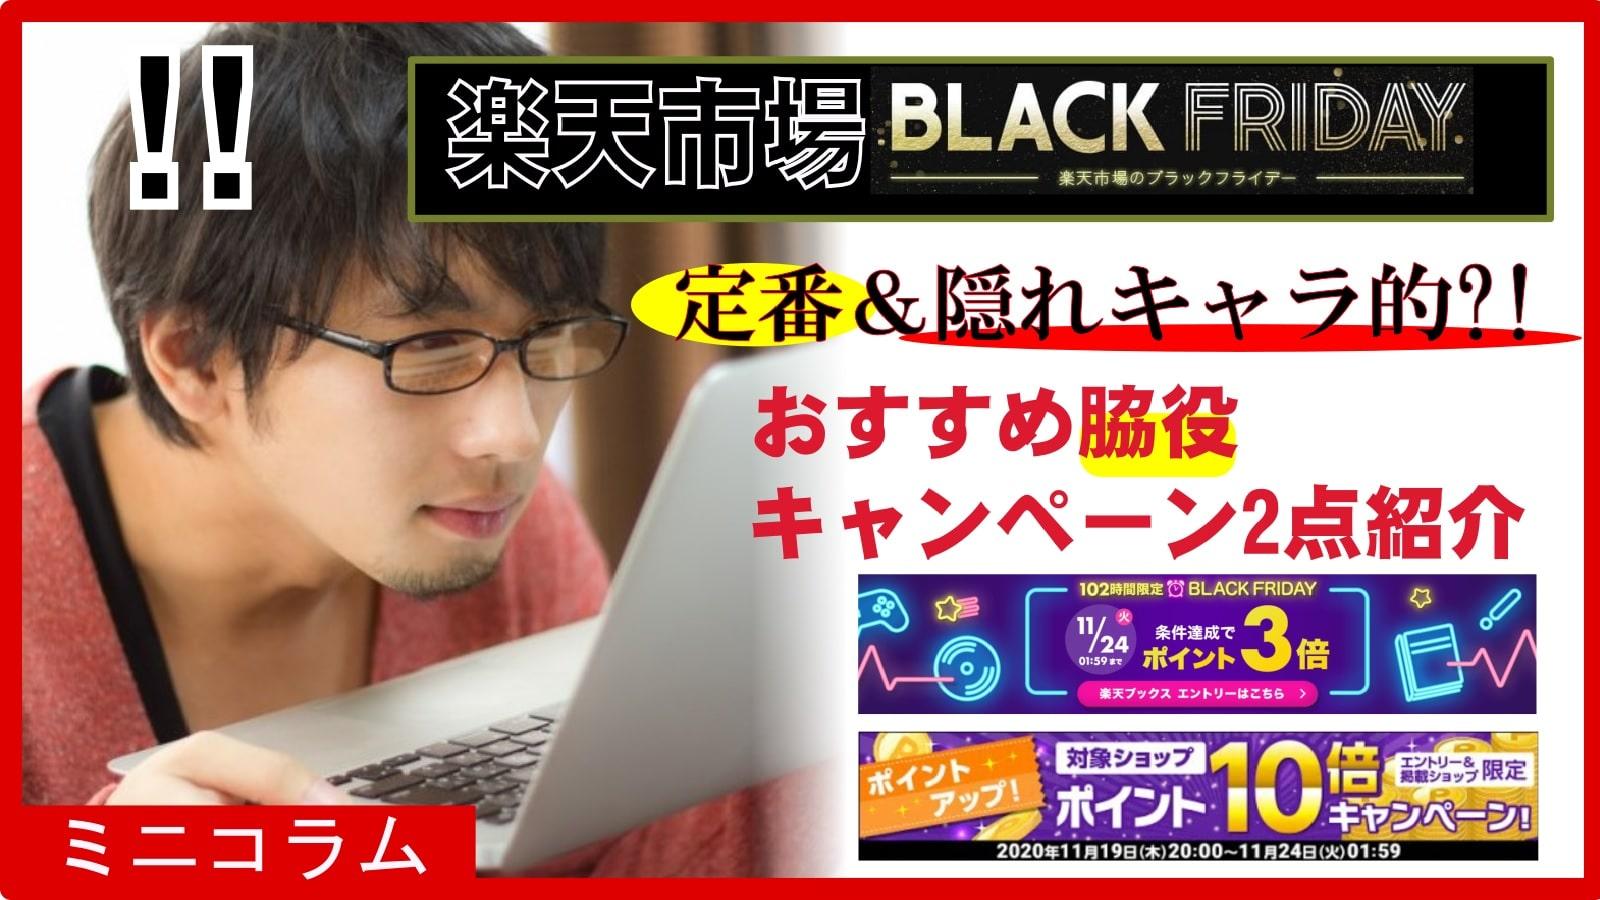 ミニコラム 楽天市場 BLACK FRIDAY(ブラックフライデー)定番&隠れキャラ的?! おすすめ脇役キャンペーン2点をご紹介